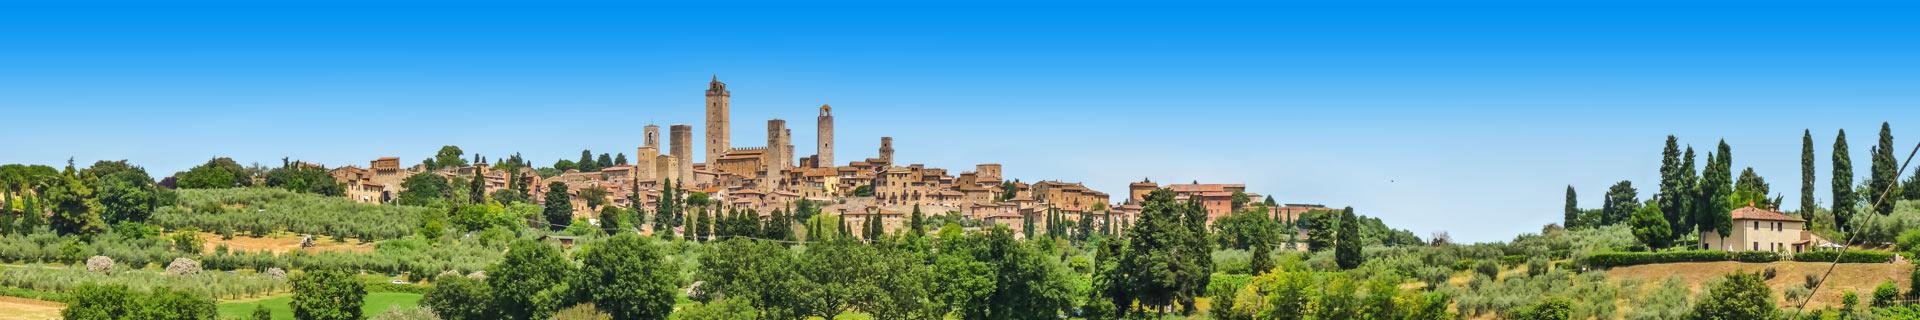 kan ik op vakantie naar italie?